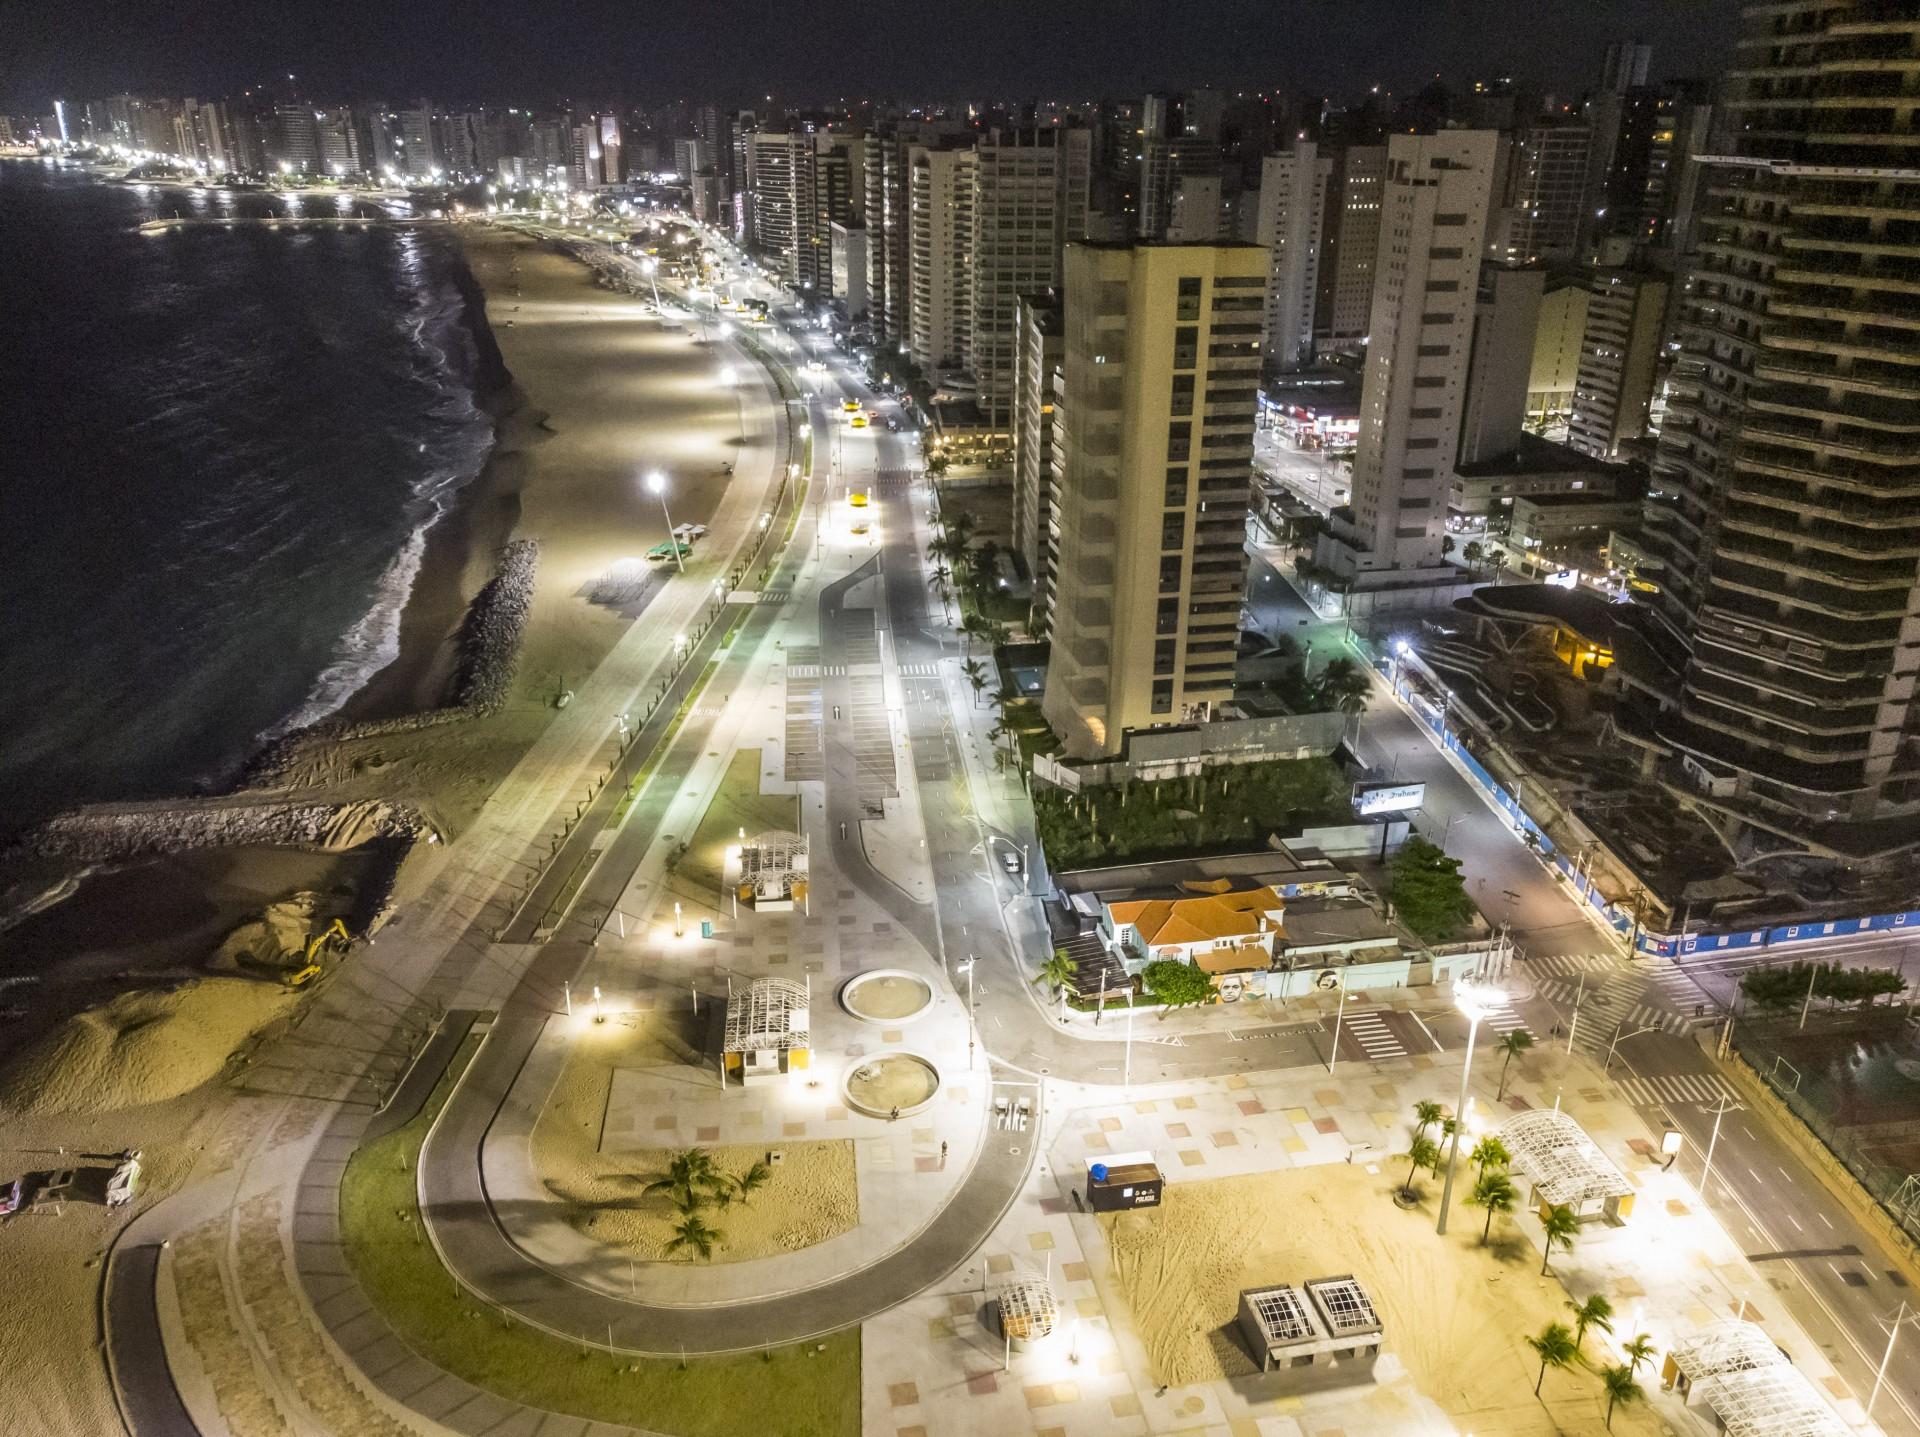 TOQUE DE RECOLHER às 22 horas deixou a orla de Fortaleza vazia (Foto: FCO FONTENELE)